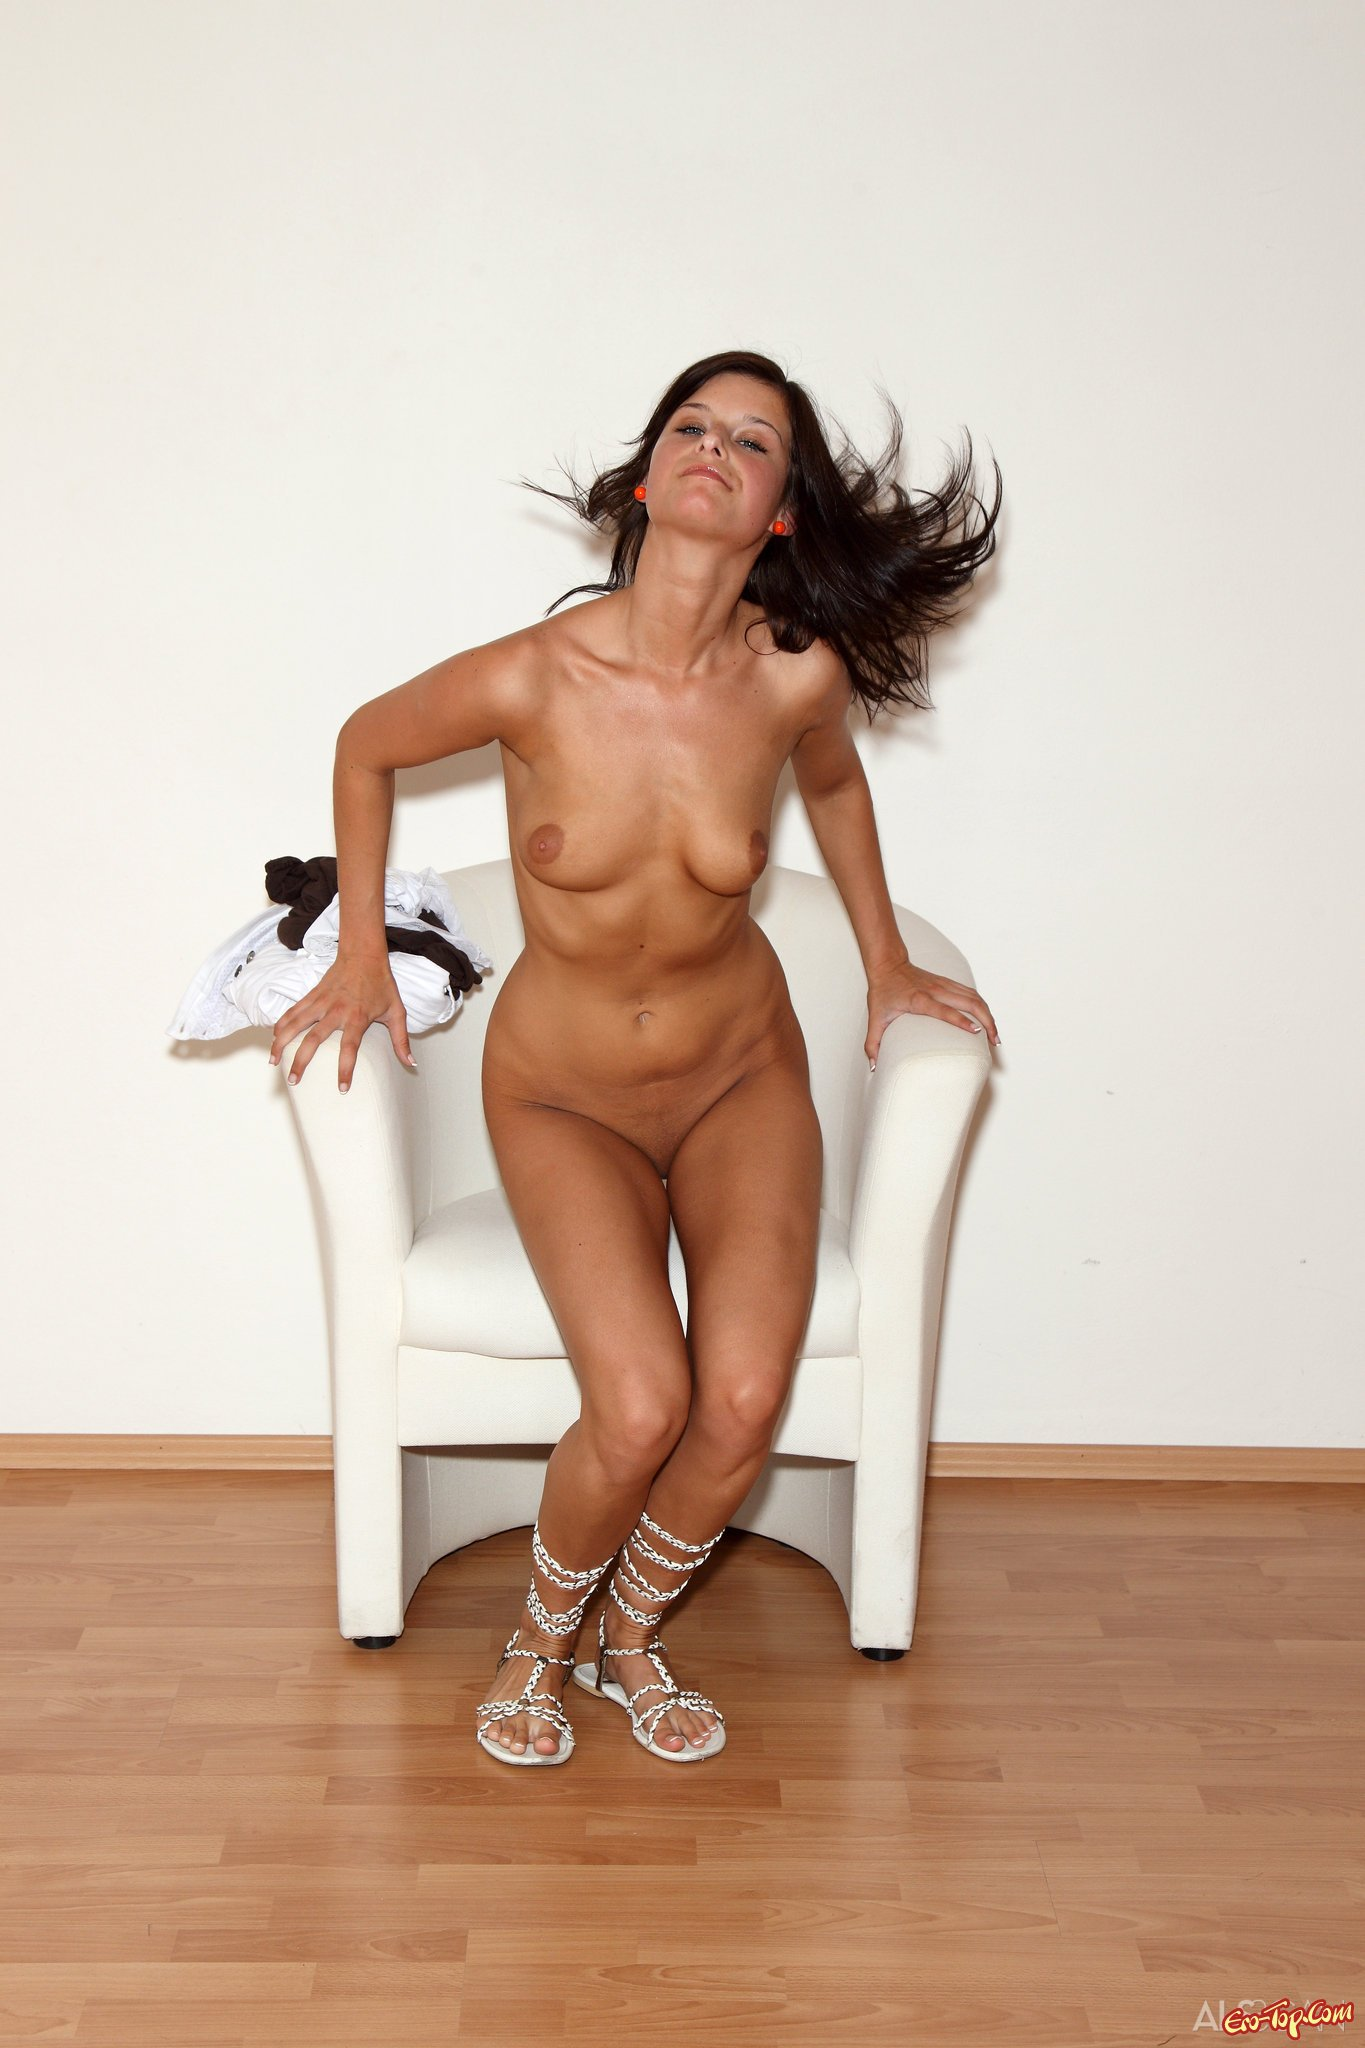 Эротическое фото с брюнеткой